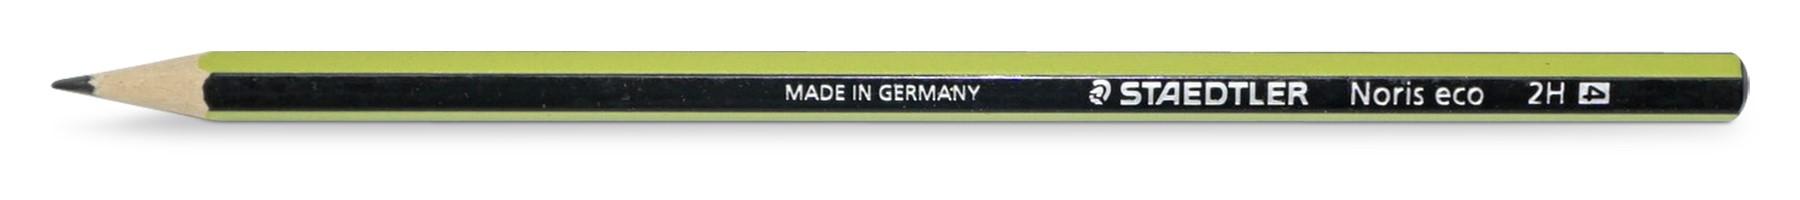 Staedtler Wopex Eco Noris Bleistift